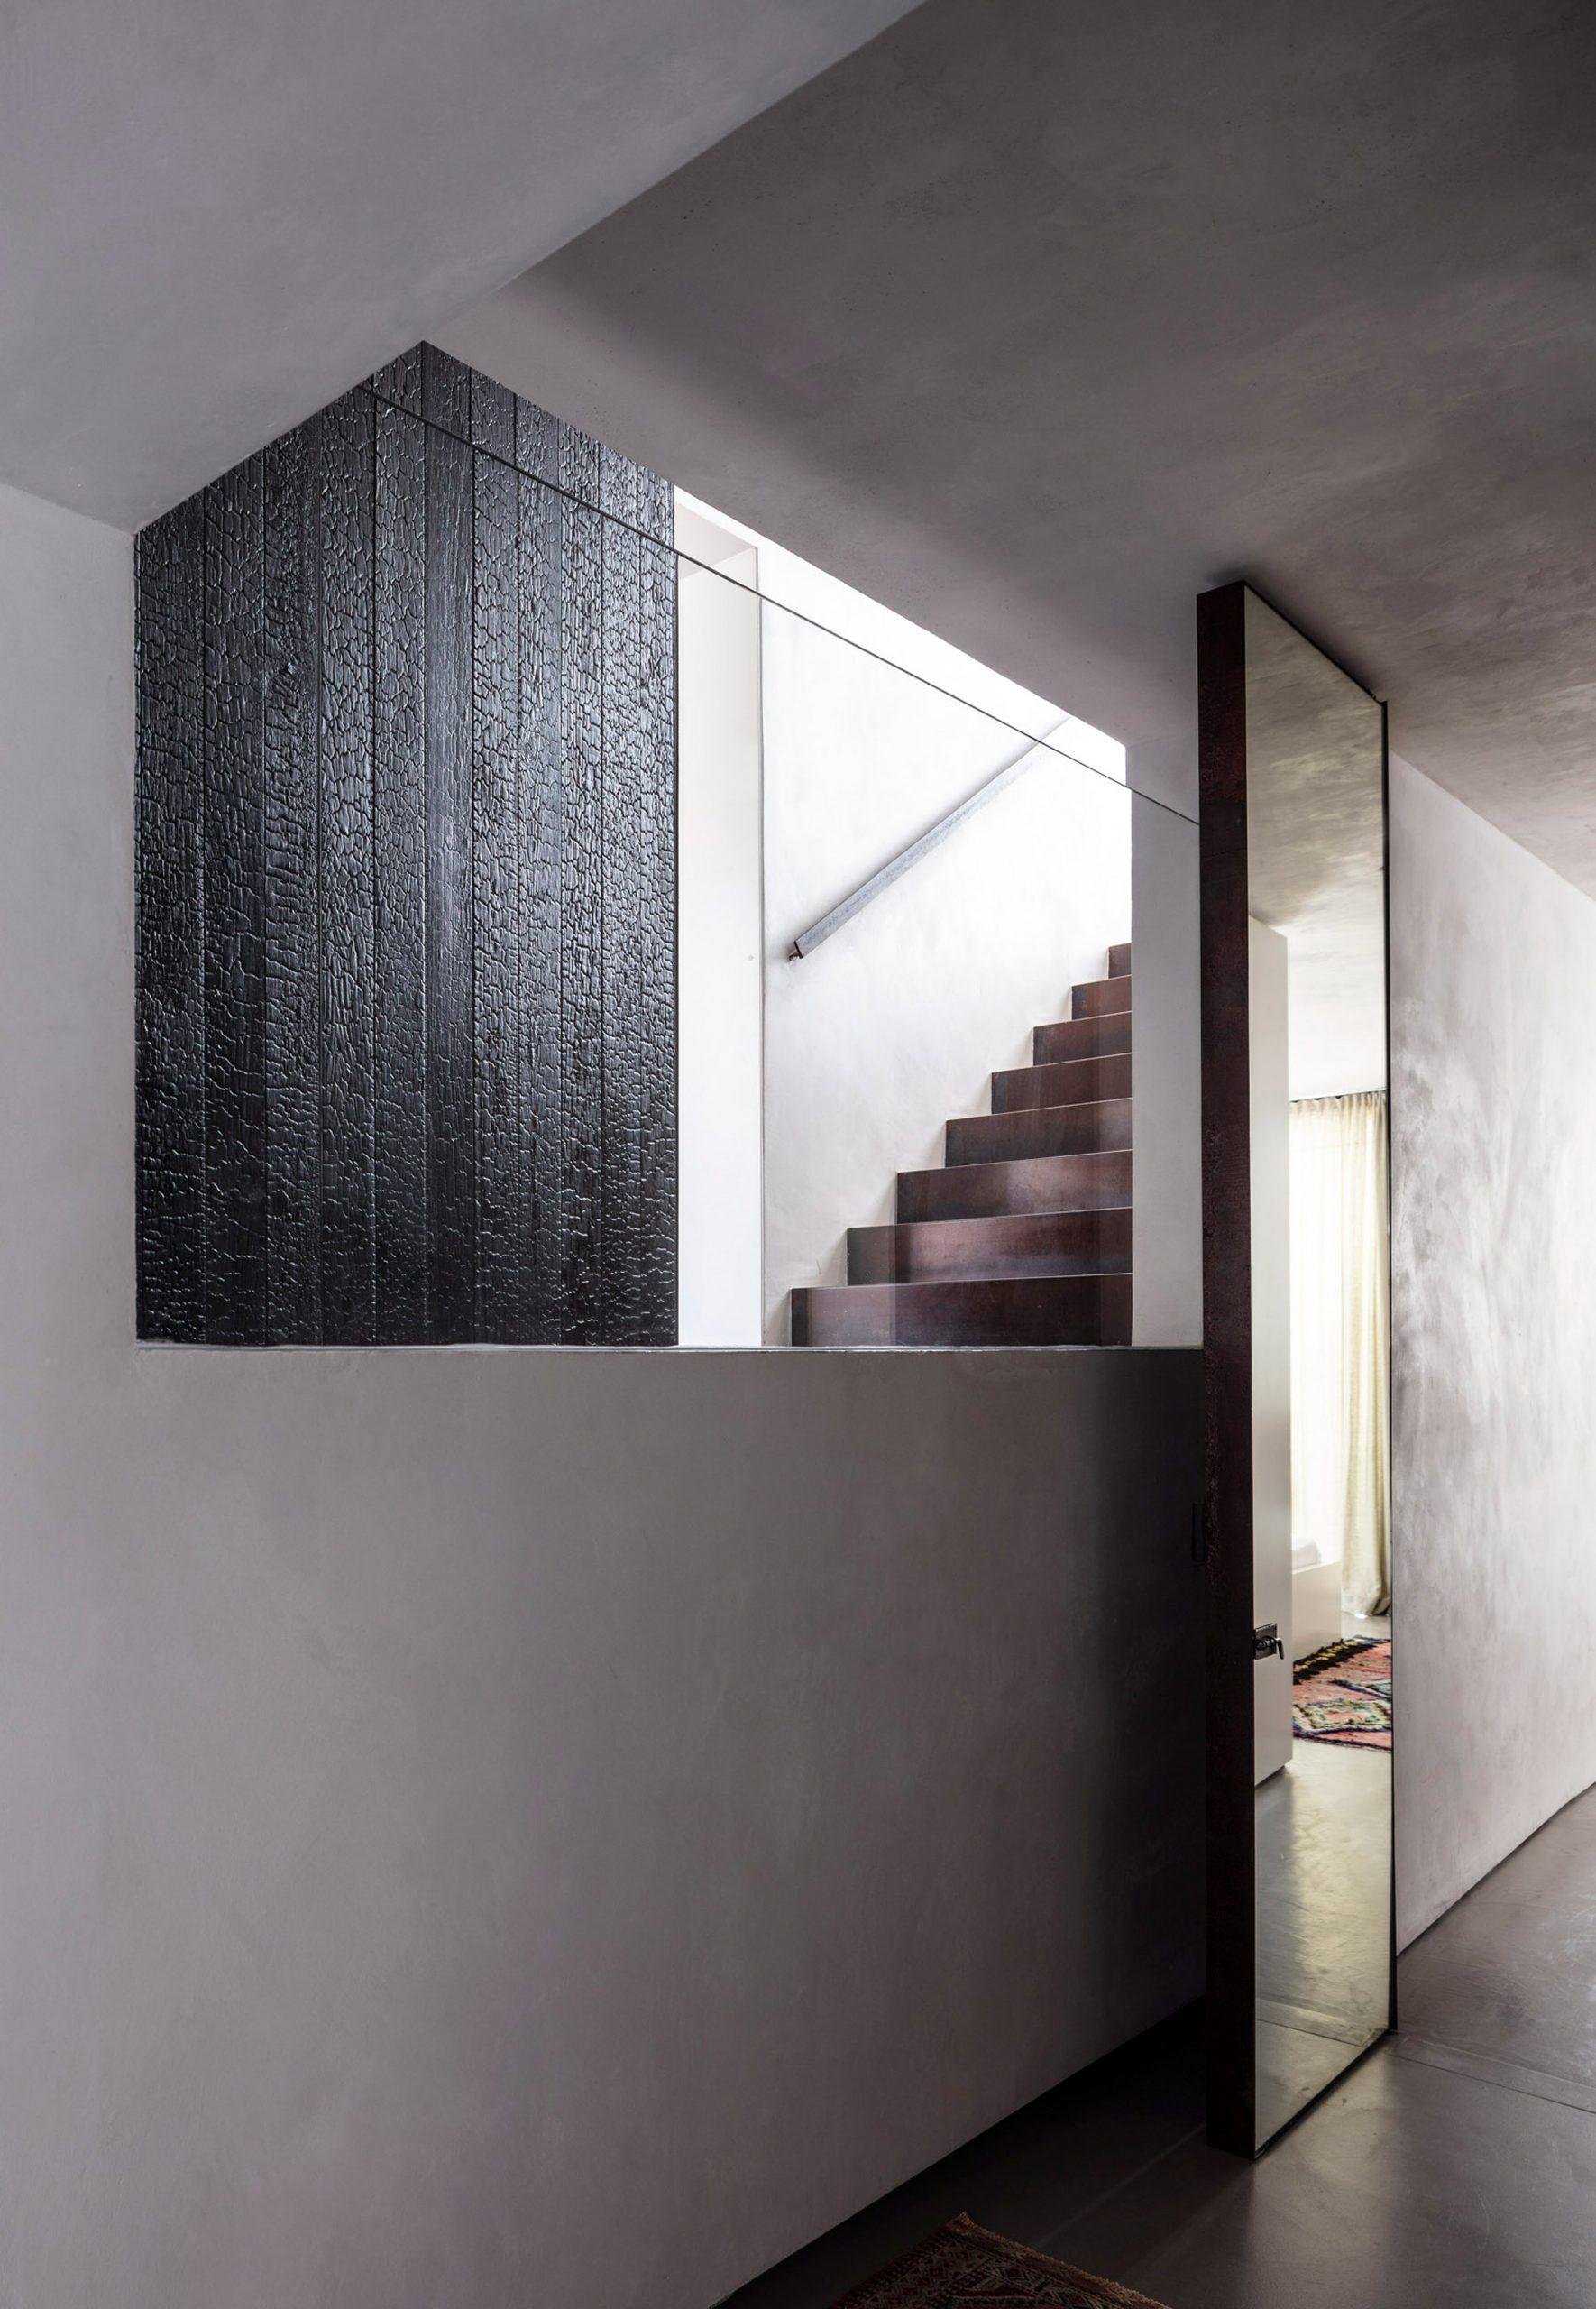 Staircase in Eucalyptus House by Paritzki & Liani Architects